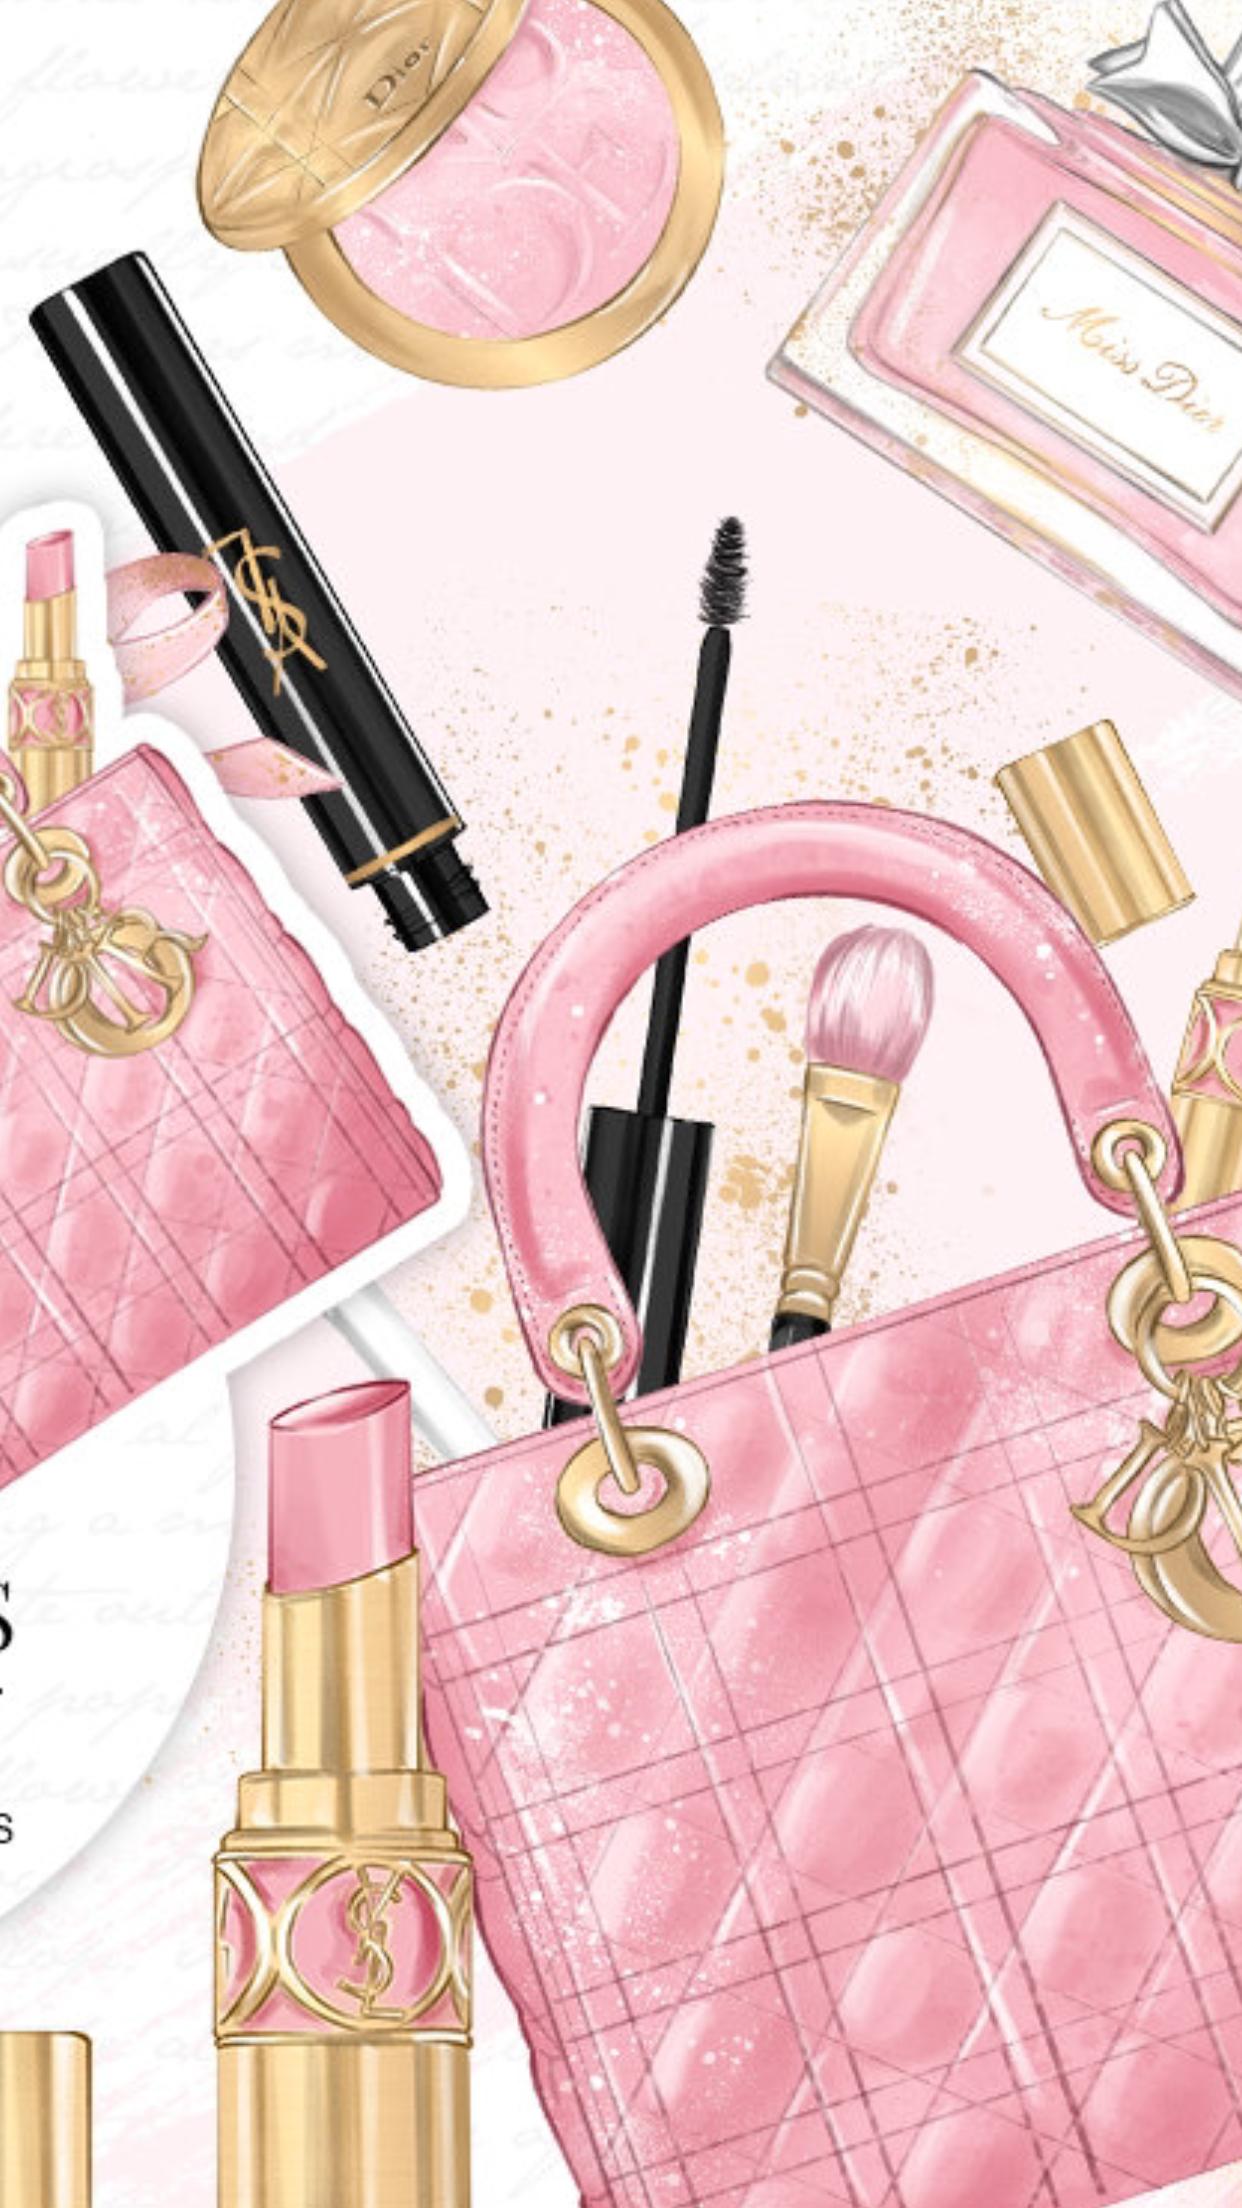 Makeup Wallpaper: Makeup Iphone Wallpapers